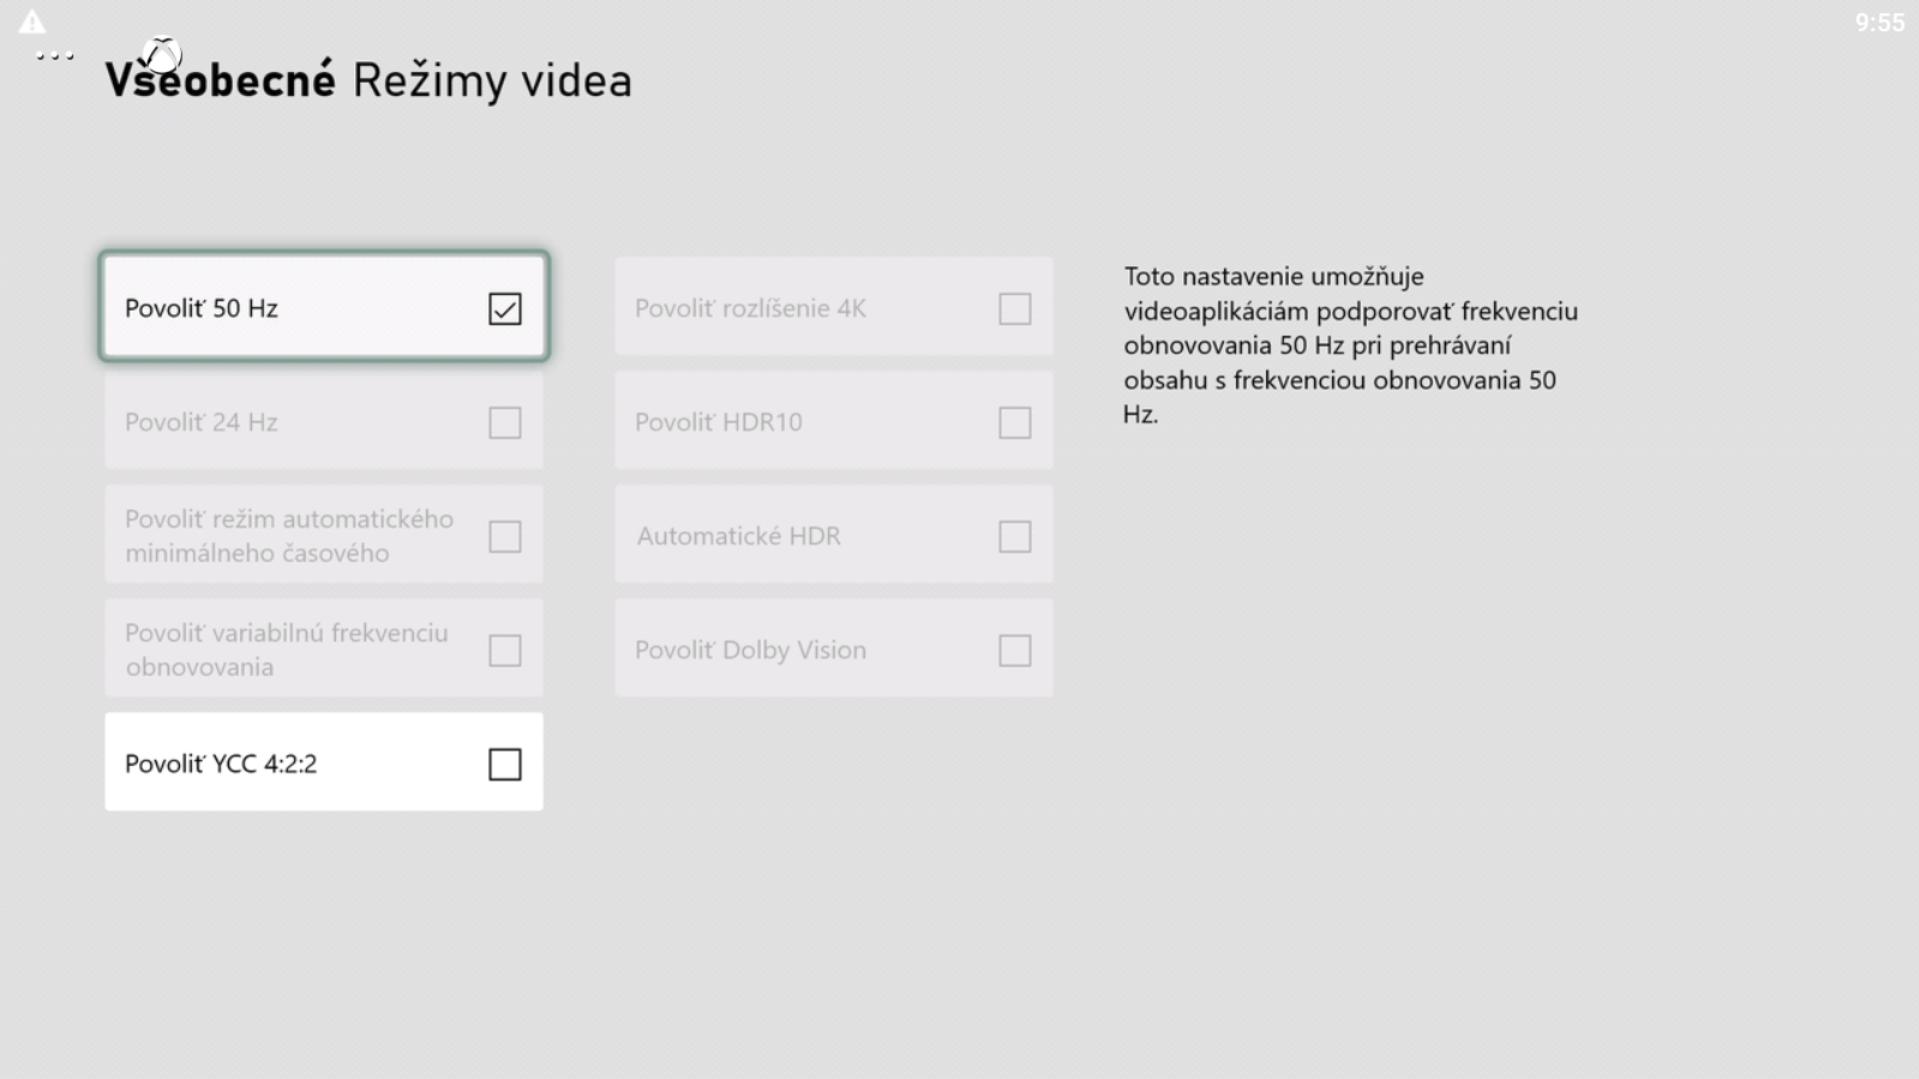 Môžeš tu zahliadnuť aj riadok so 120 fps, ak tvoj monitor či televízor podporuje takúto frekvenciu obrázkov za sekundu.